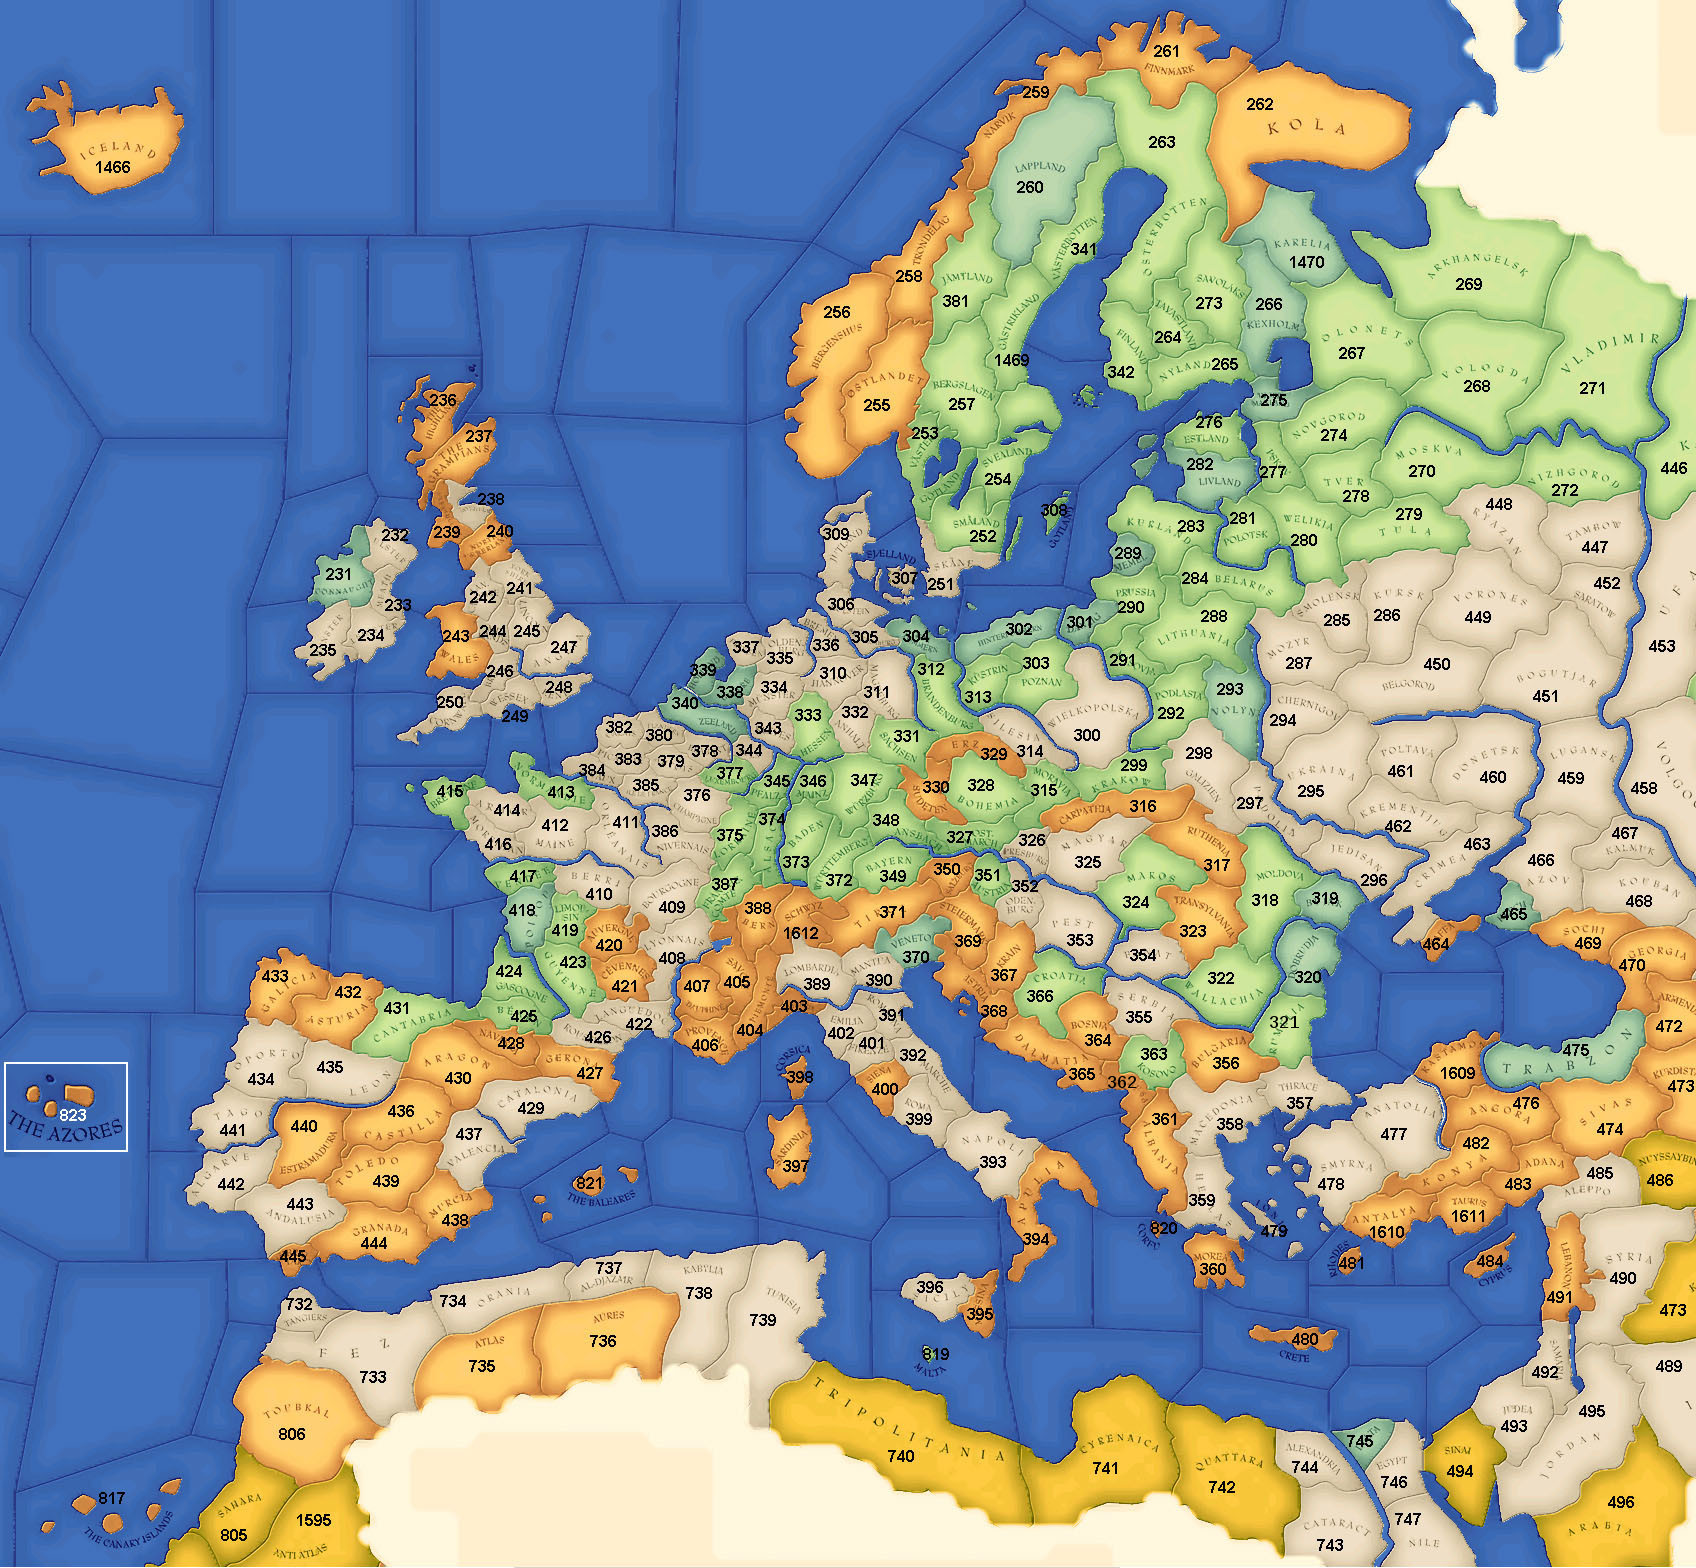 eu2 europe ids